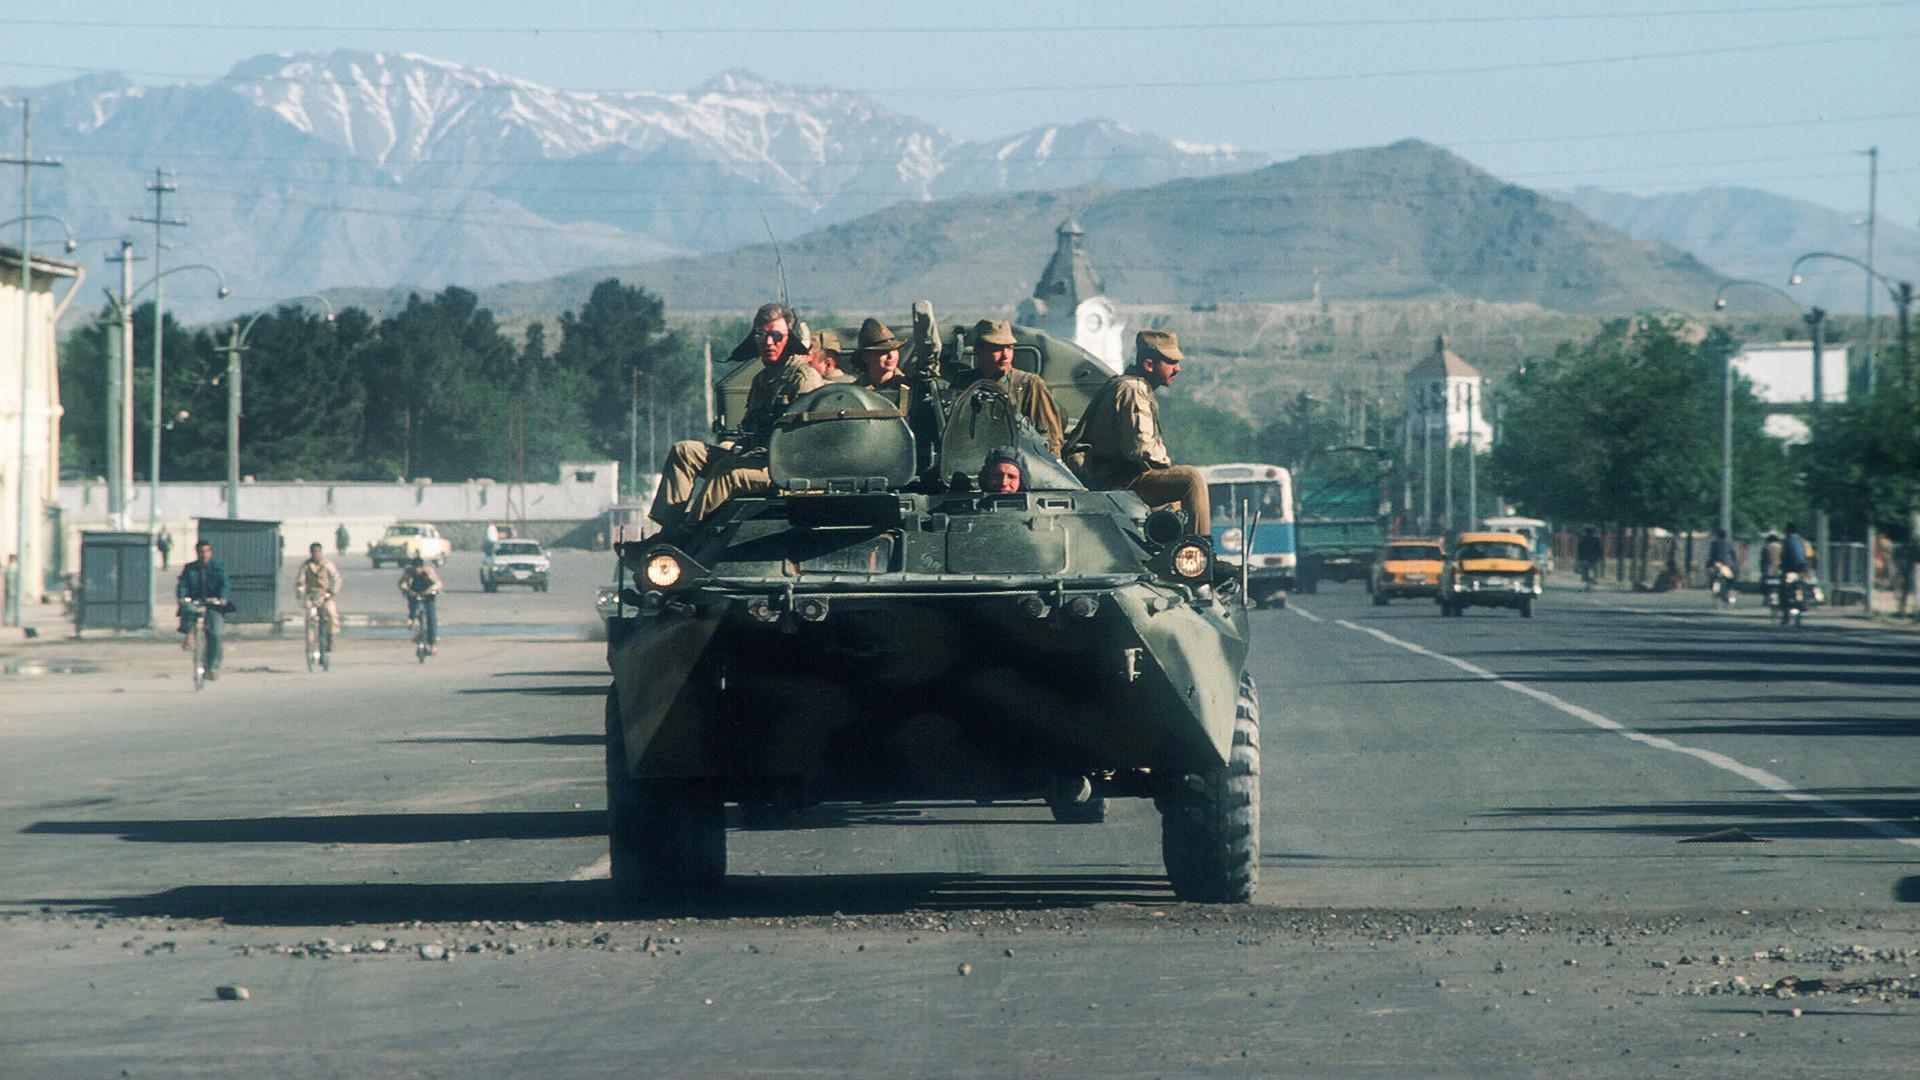 Sovjetski tenk partolira ulicom u Kabulu, Afganistan.